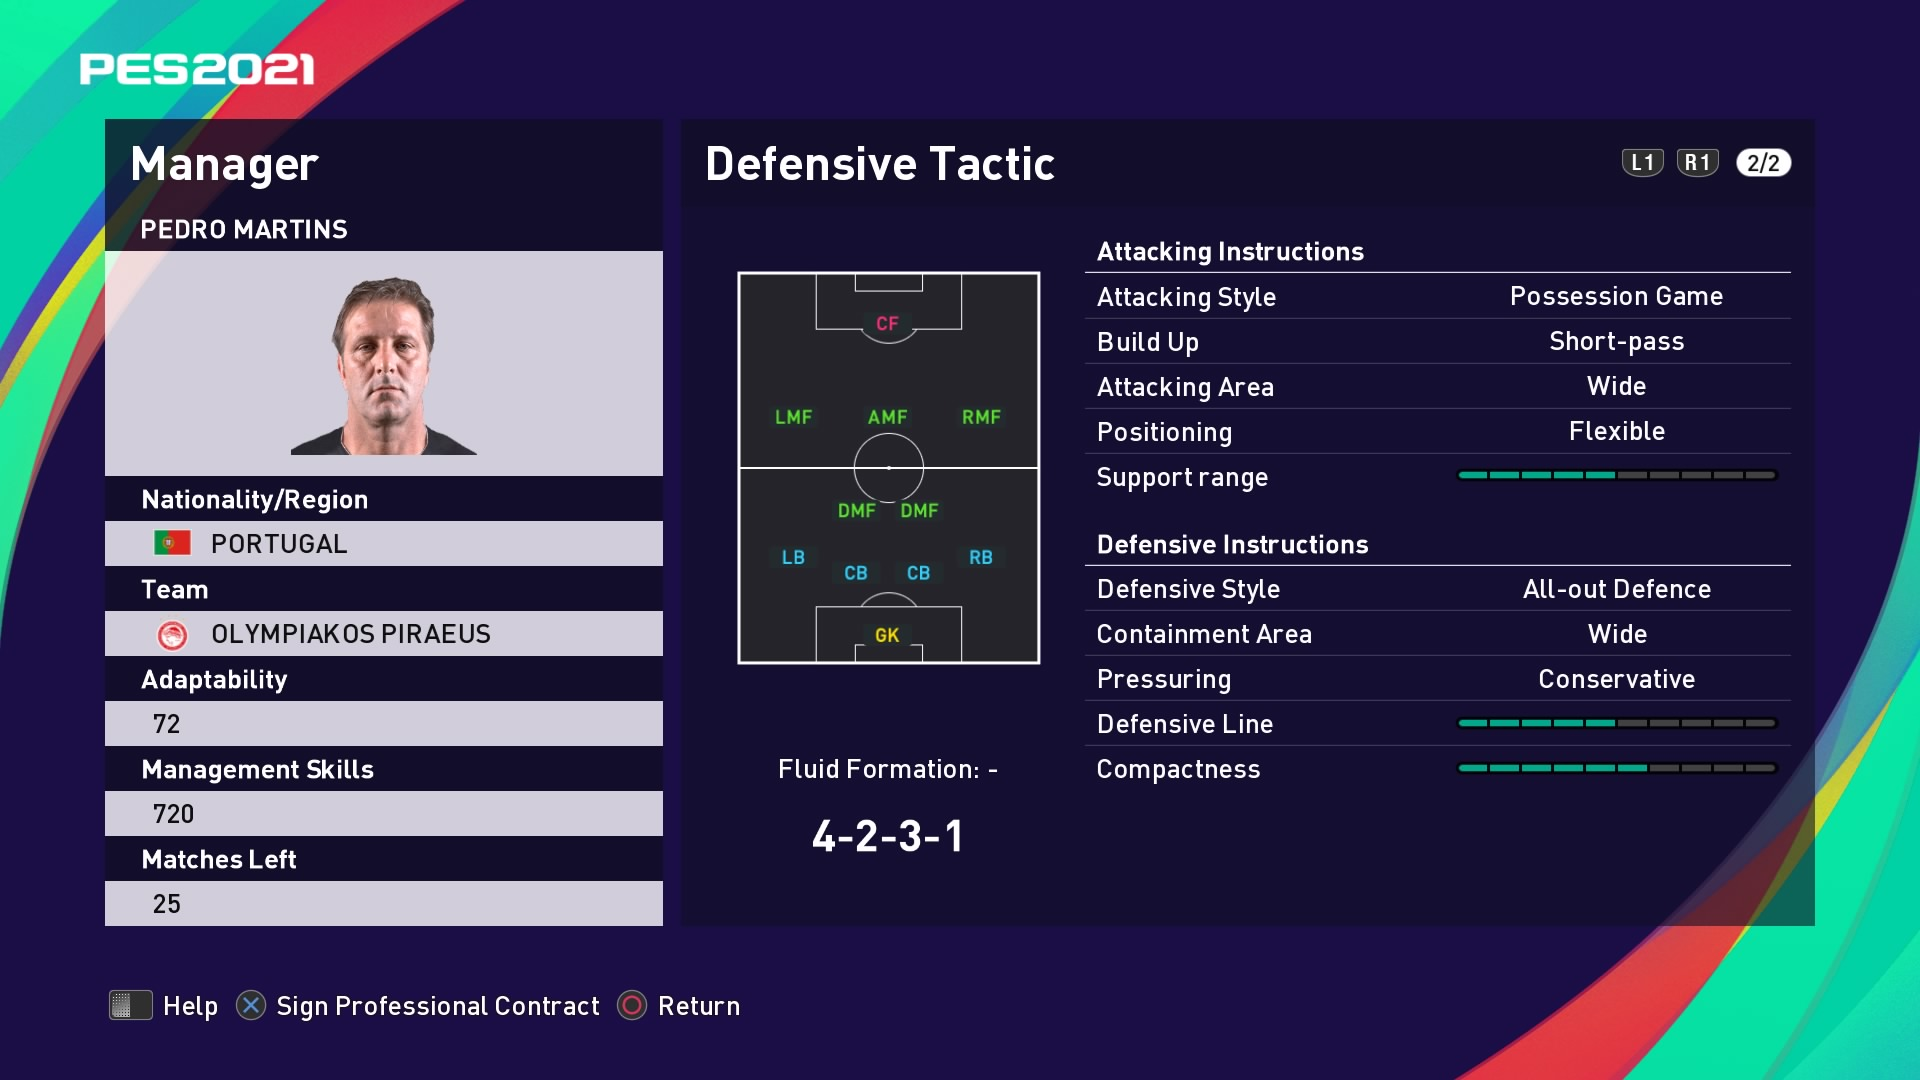 Pedro Martins Defensive Tactic in PES 2021 myClub